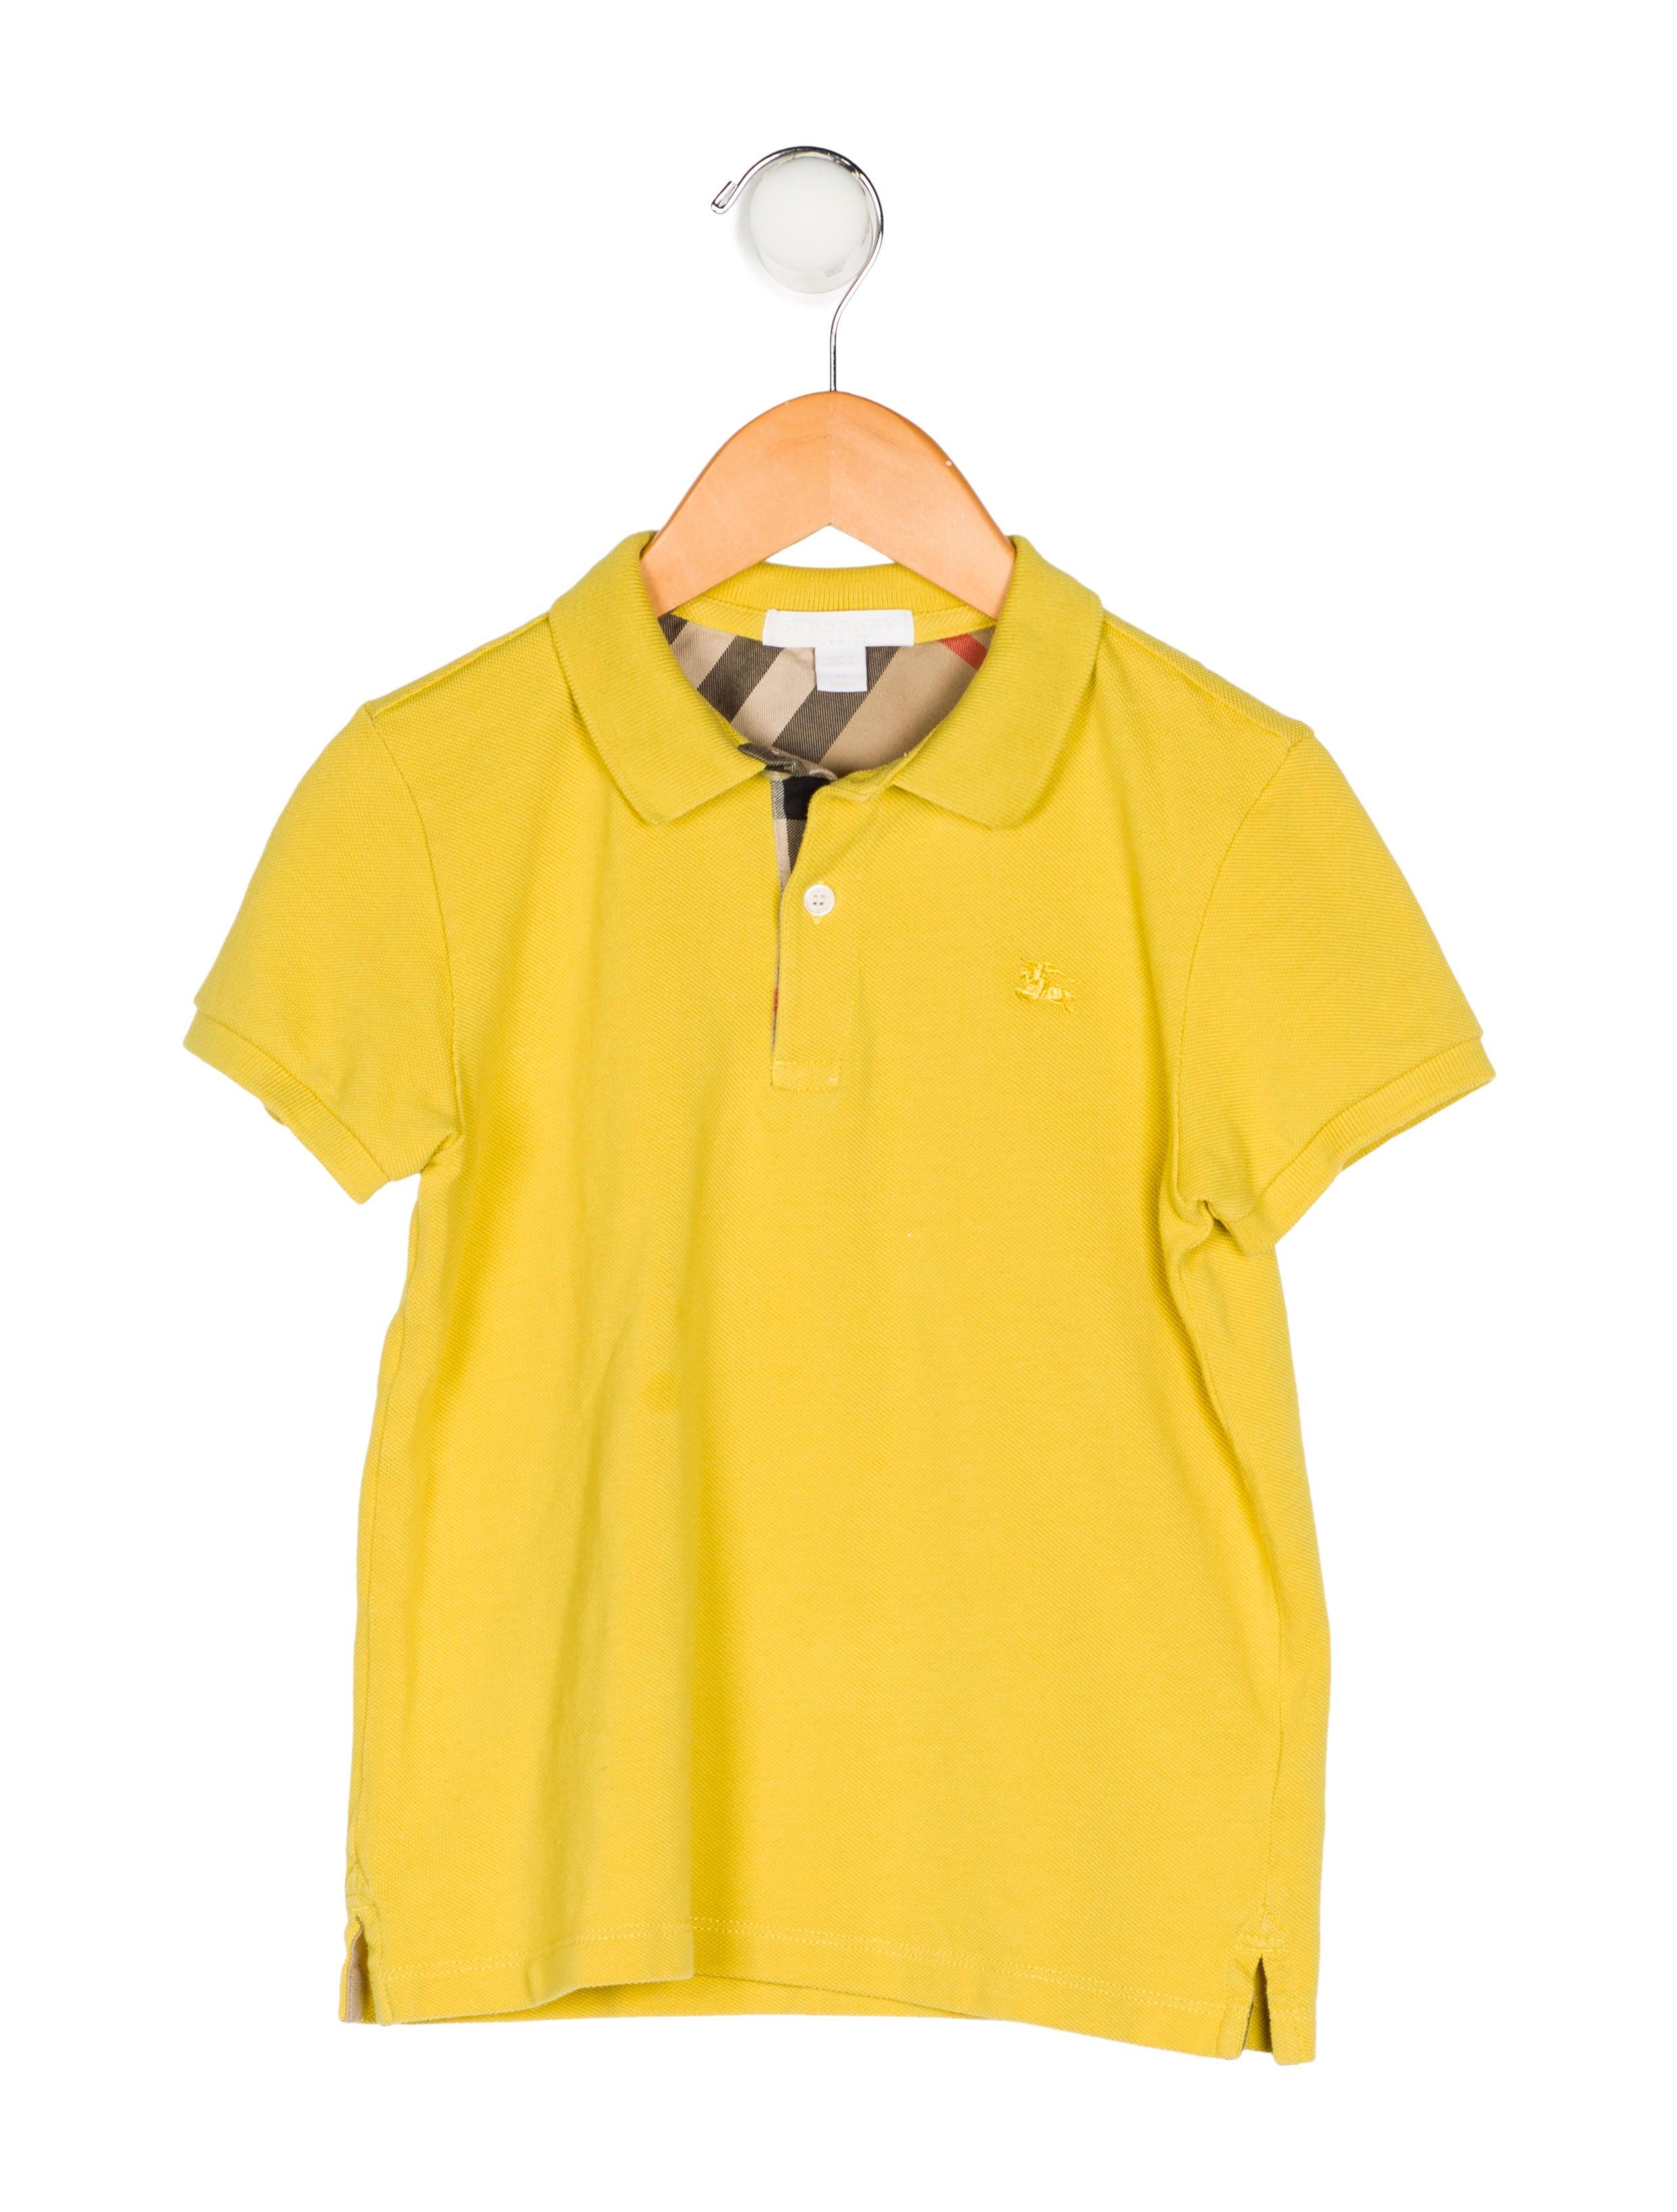 Burberry Boys Collared Polo Shirt Boys Bur87339 The Realreal